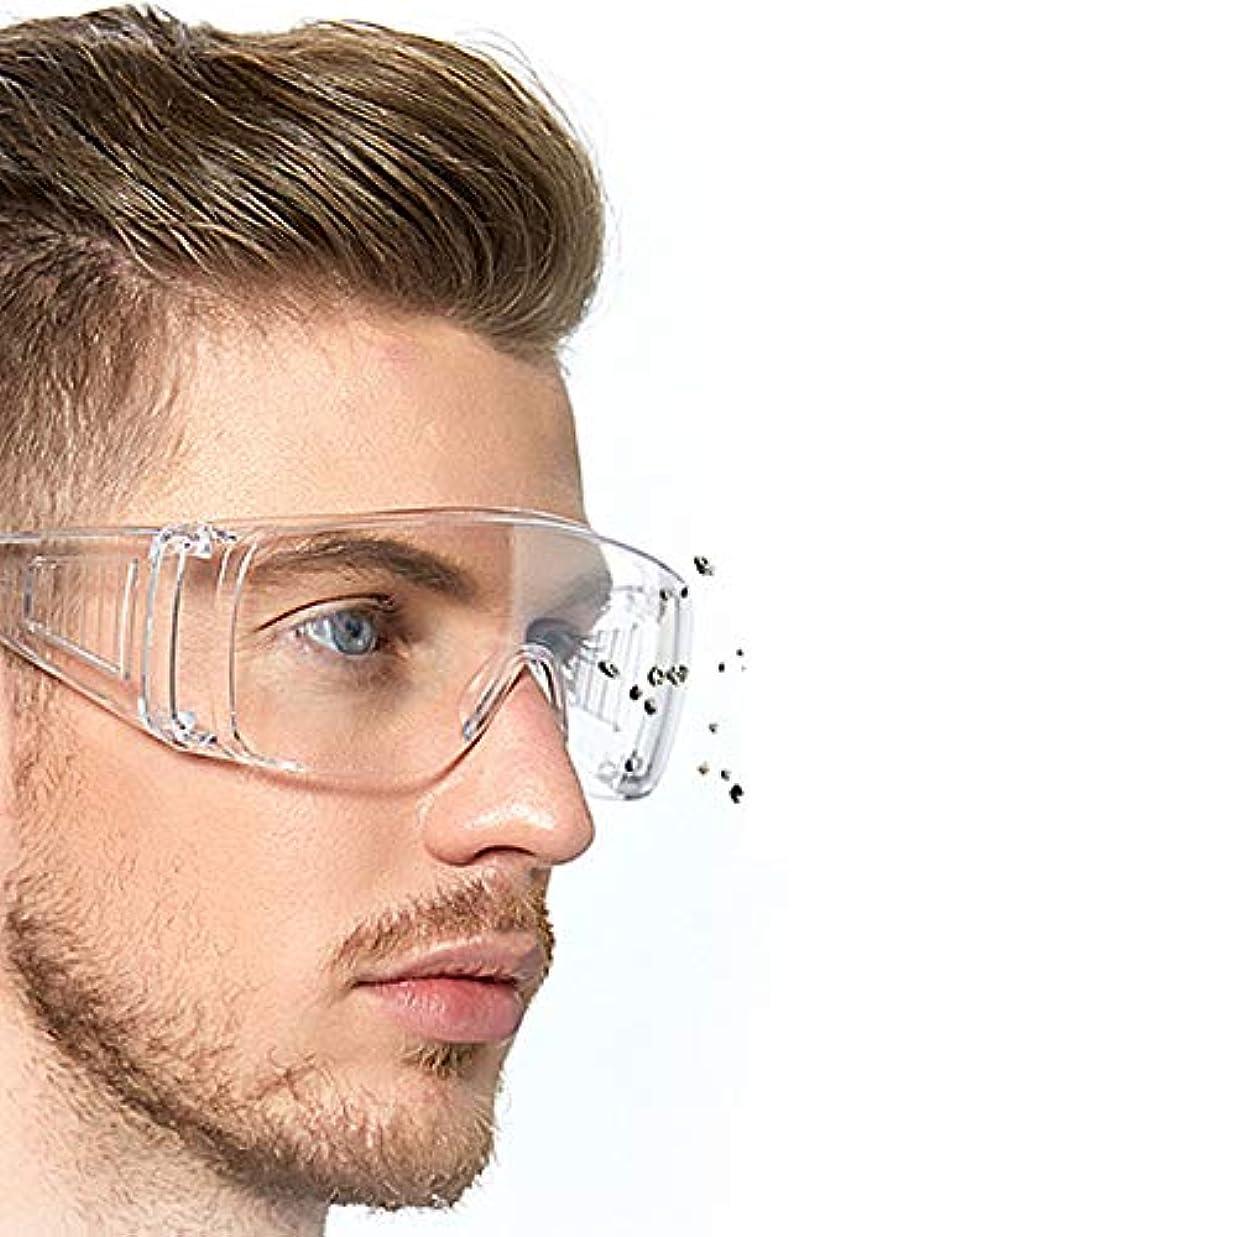 あごグリーンランド唯一保護メガネ 保護ゴーグル 透明 レンズクリア防護眼鏡 歯科用保護眼鏡 メガネ 防風 防塵 曇り防止 優れた防護性 眼保護具 作業用 男女兼用